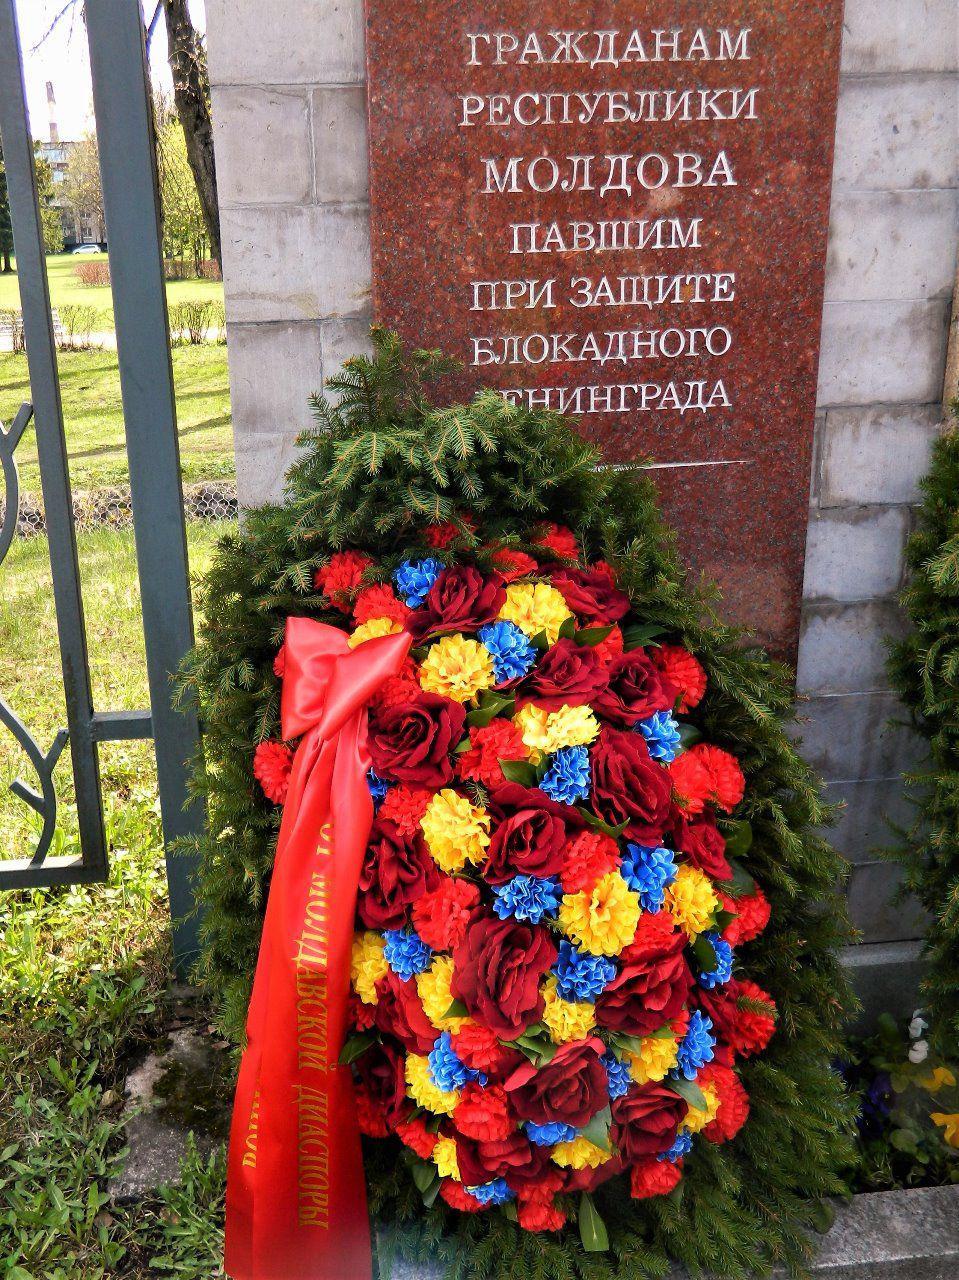 Депутат ПСРМ почтил в Санкт-Петербурге память молдавских солдат, погибших при блокаде Ленинграда (ФОТО)